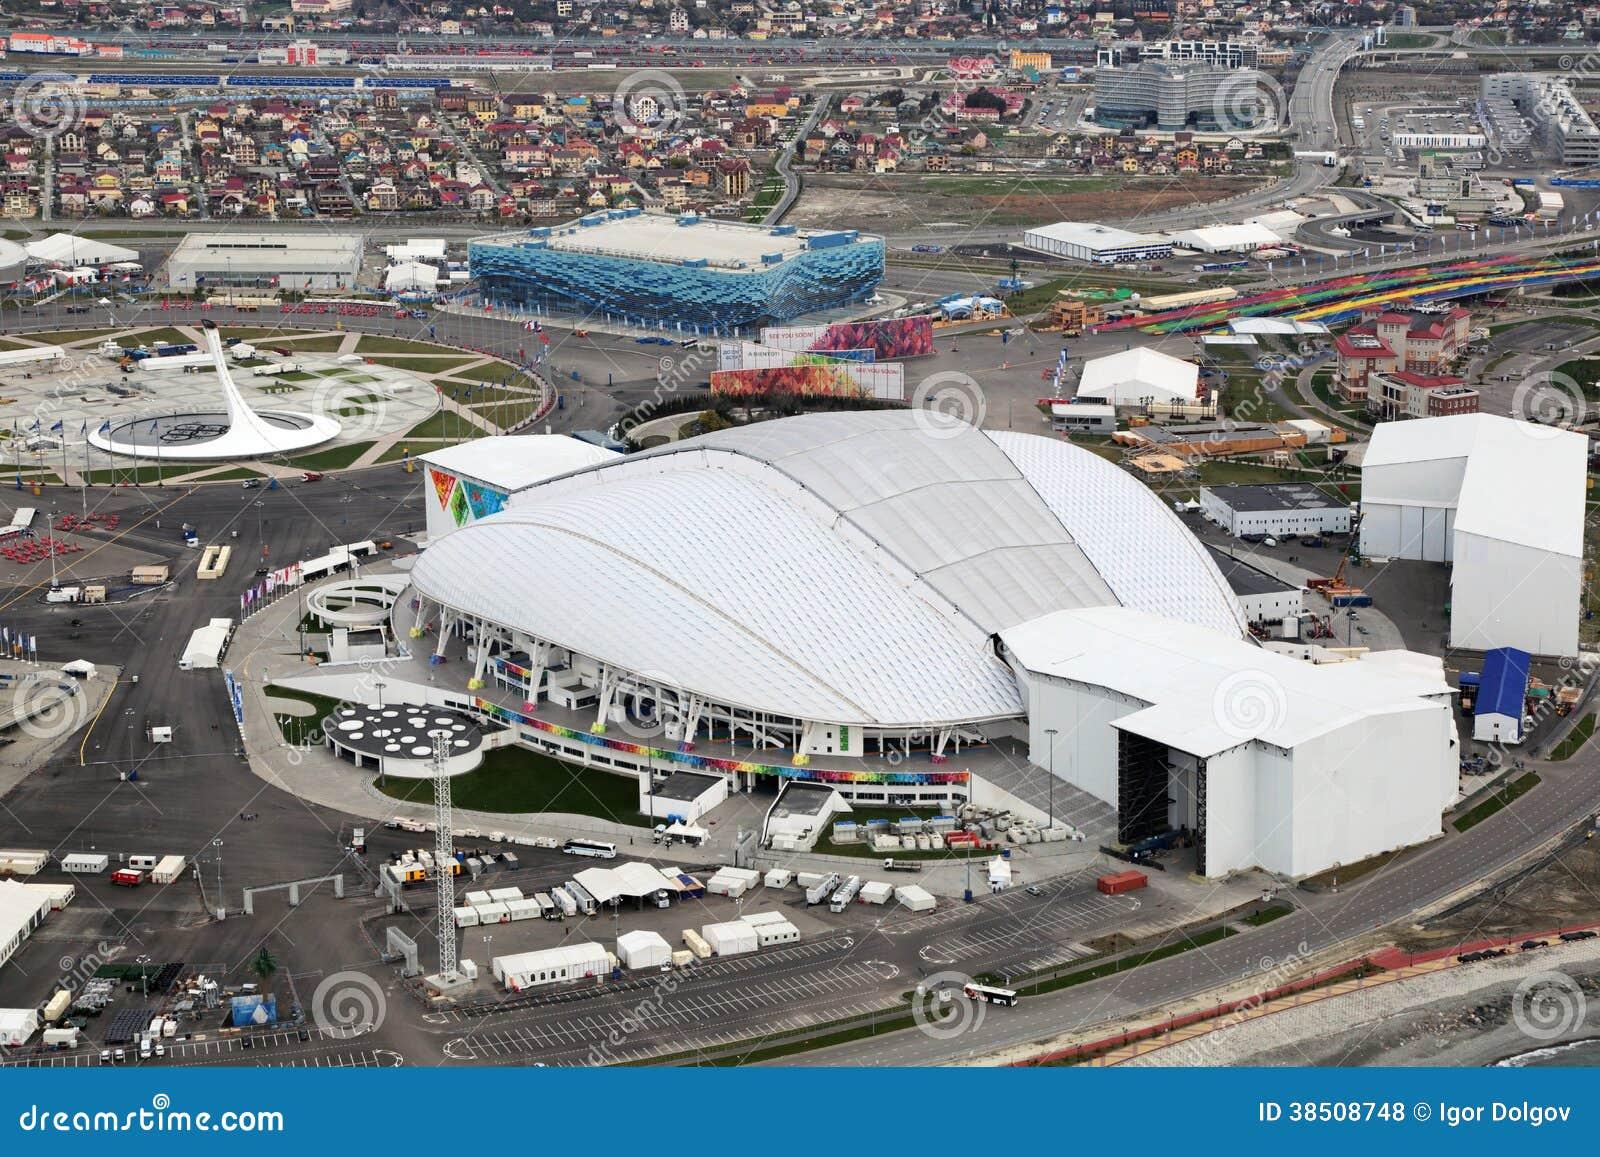 Fisht Olimpic stadium